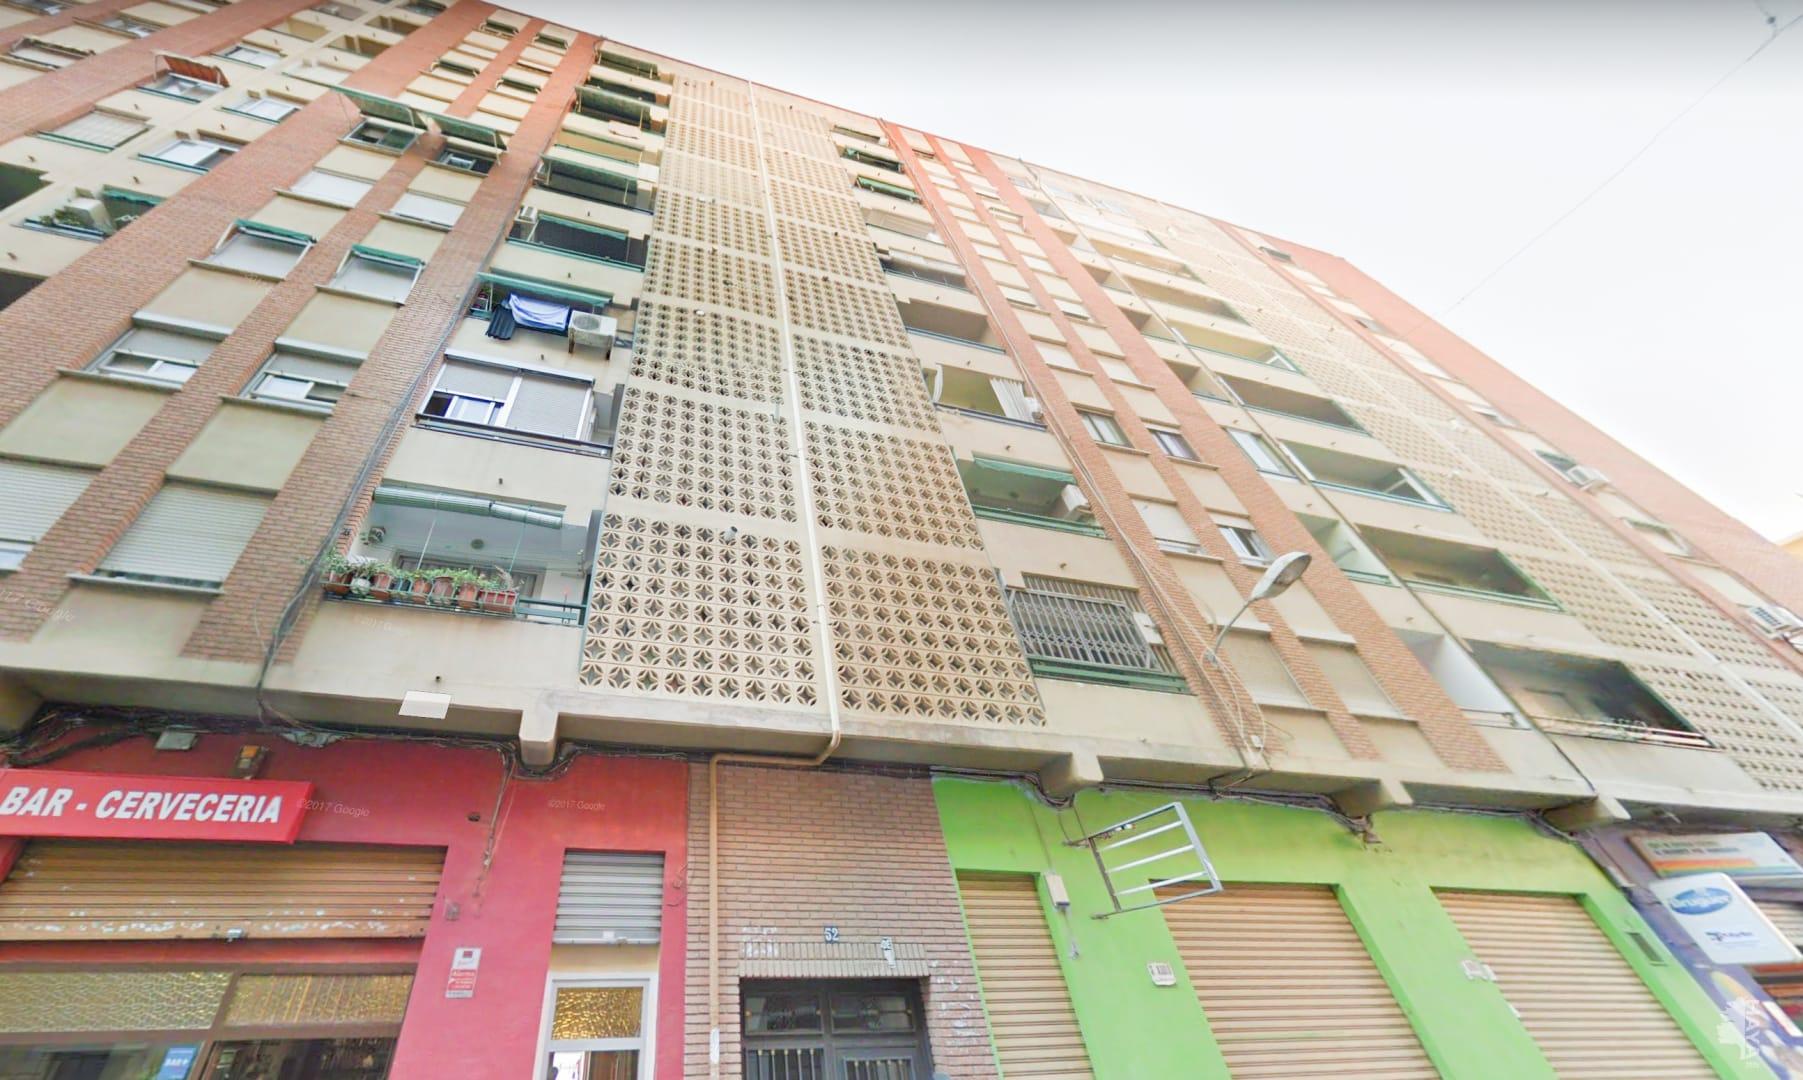 Piso en venta en Rascanya, Valencia, Valencia, Calle Arquitecto Rodriguez, 63.500 €, 4 habitaciones, 1 baño, 99 m2